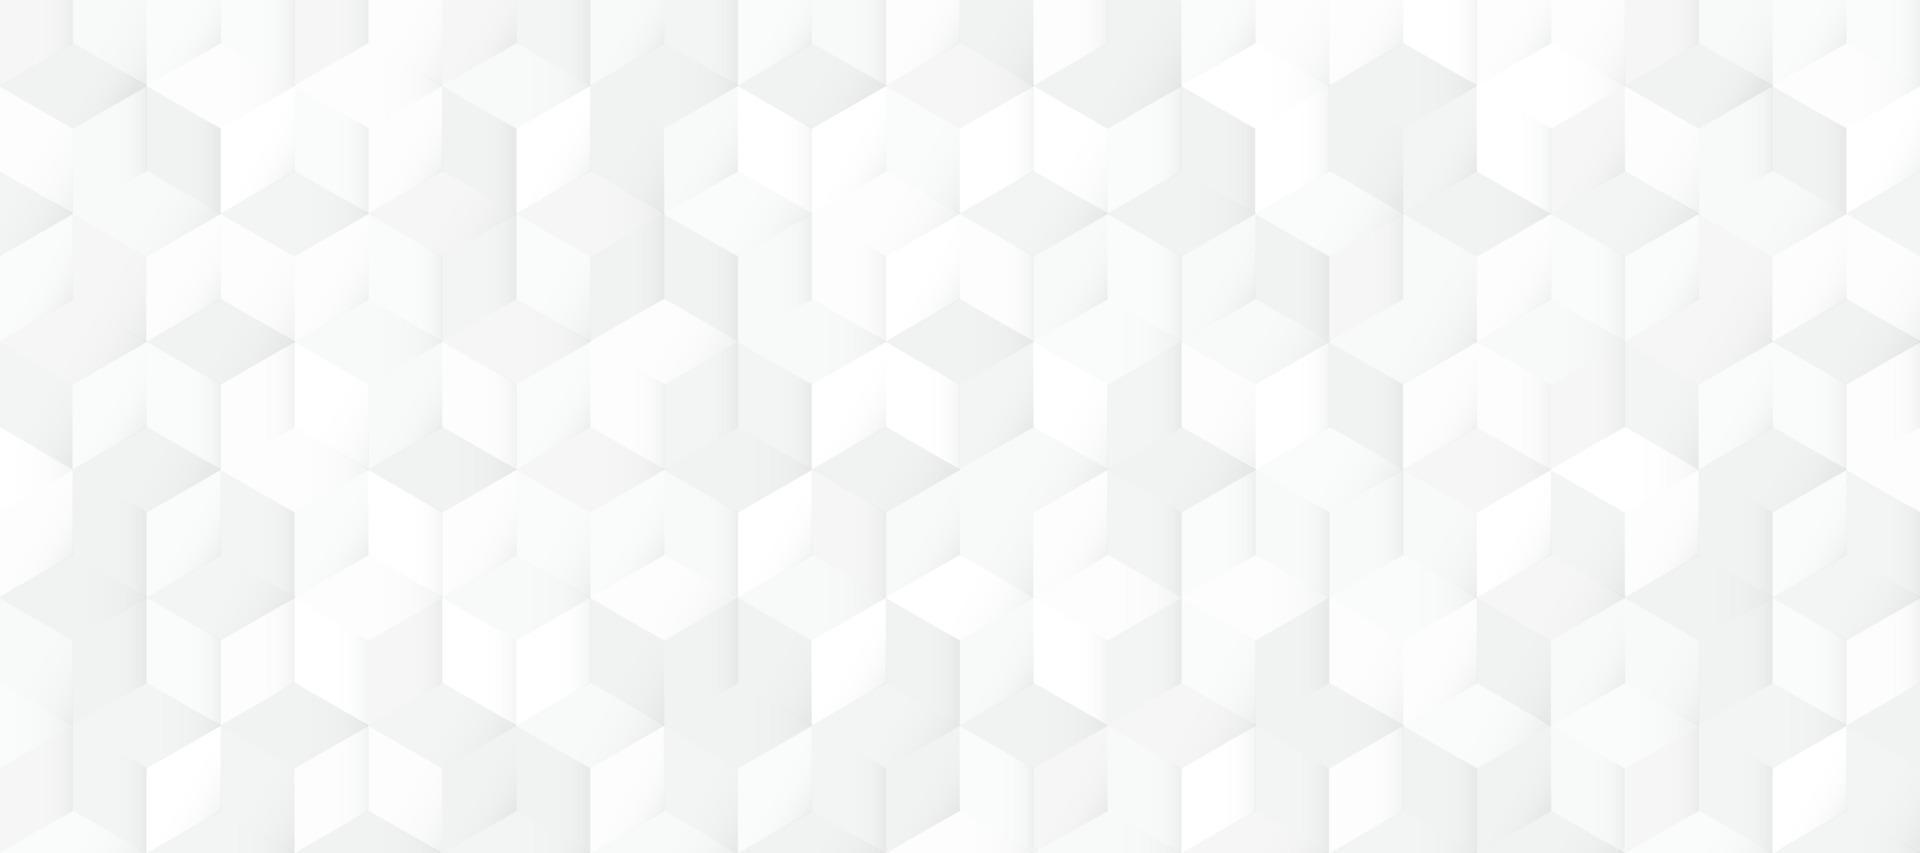 Fondo bianco e grigio senza cuciture astratto del modello 3d del quadrato. design moderno texture geometrica. illustrazione vettoriale